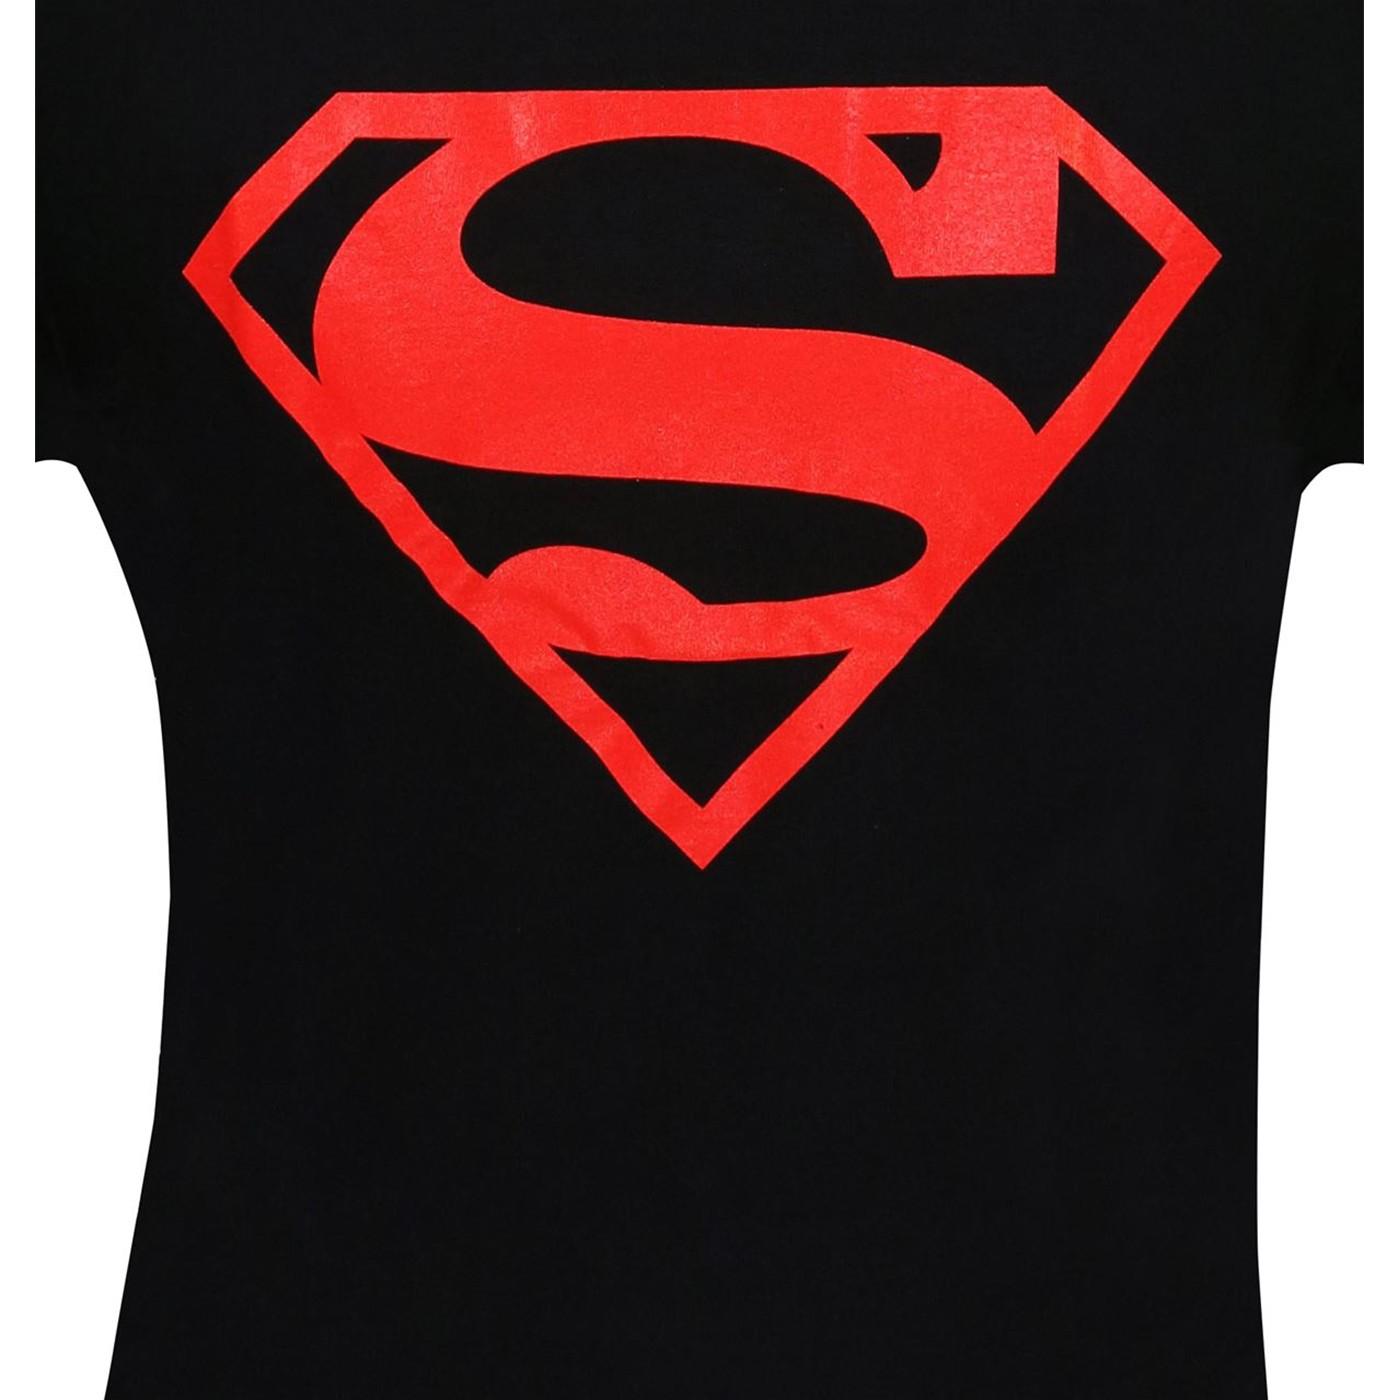 Superboy Red Symbol T-Shirt